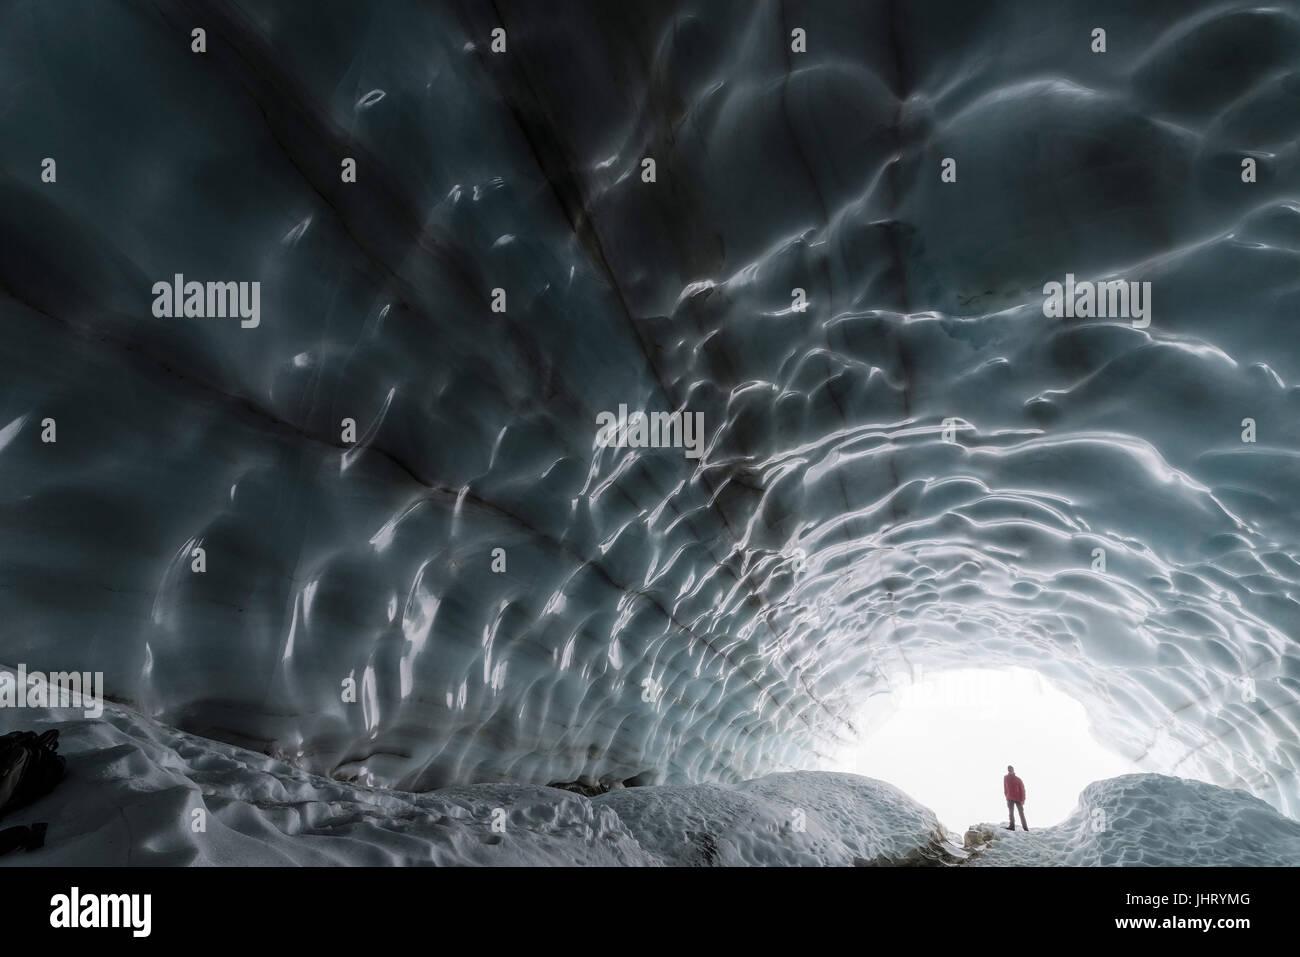 L'homme dans une grotte de glace, glacier dans la vallée (Tarfaladalen Kebnekaisefjaell Darfalavaggi), Norrbotten, Laponie, Suède, septembre , Mann Eisgr in Banque D'Images